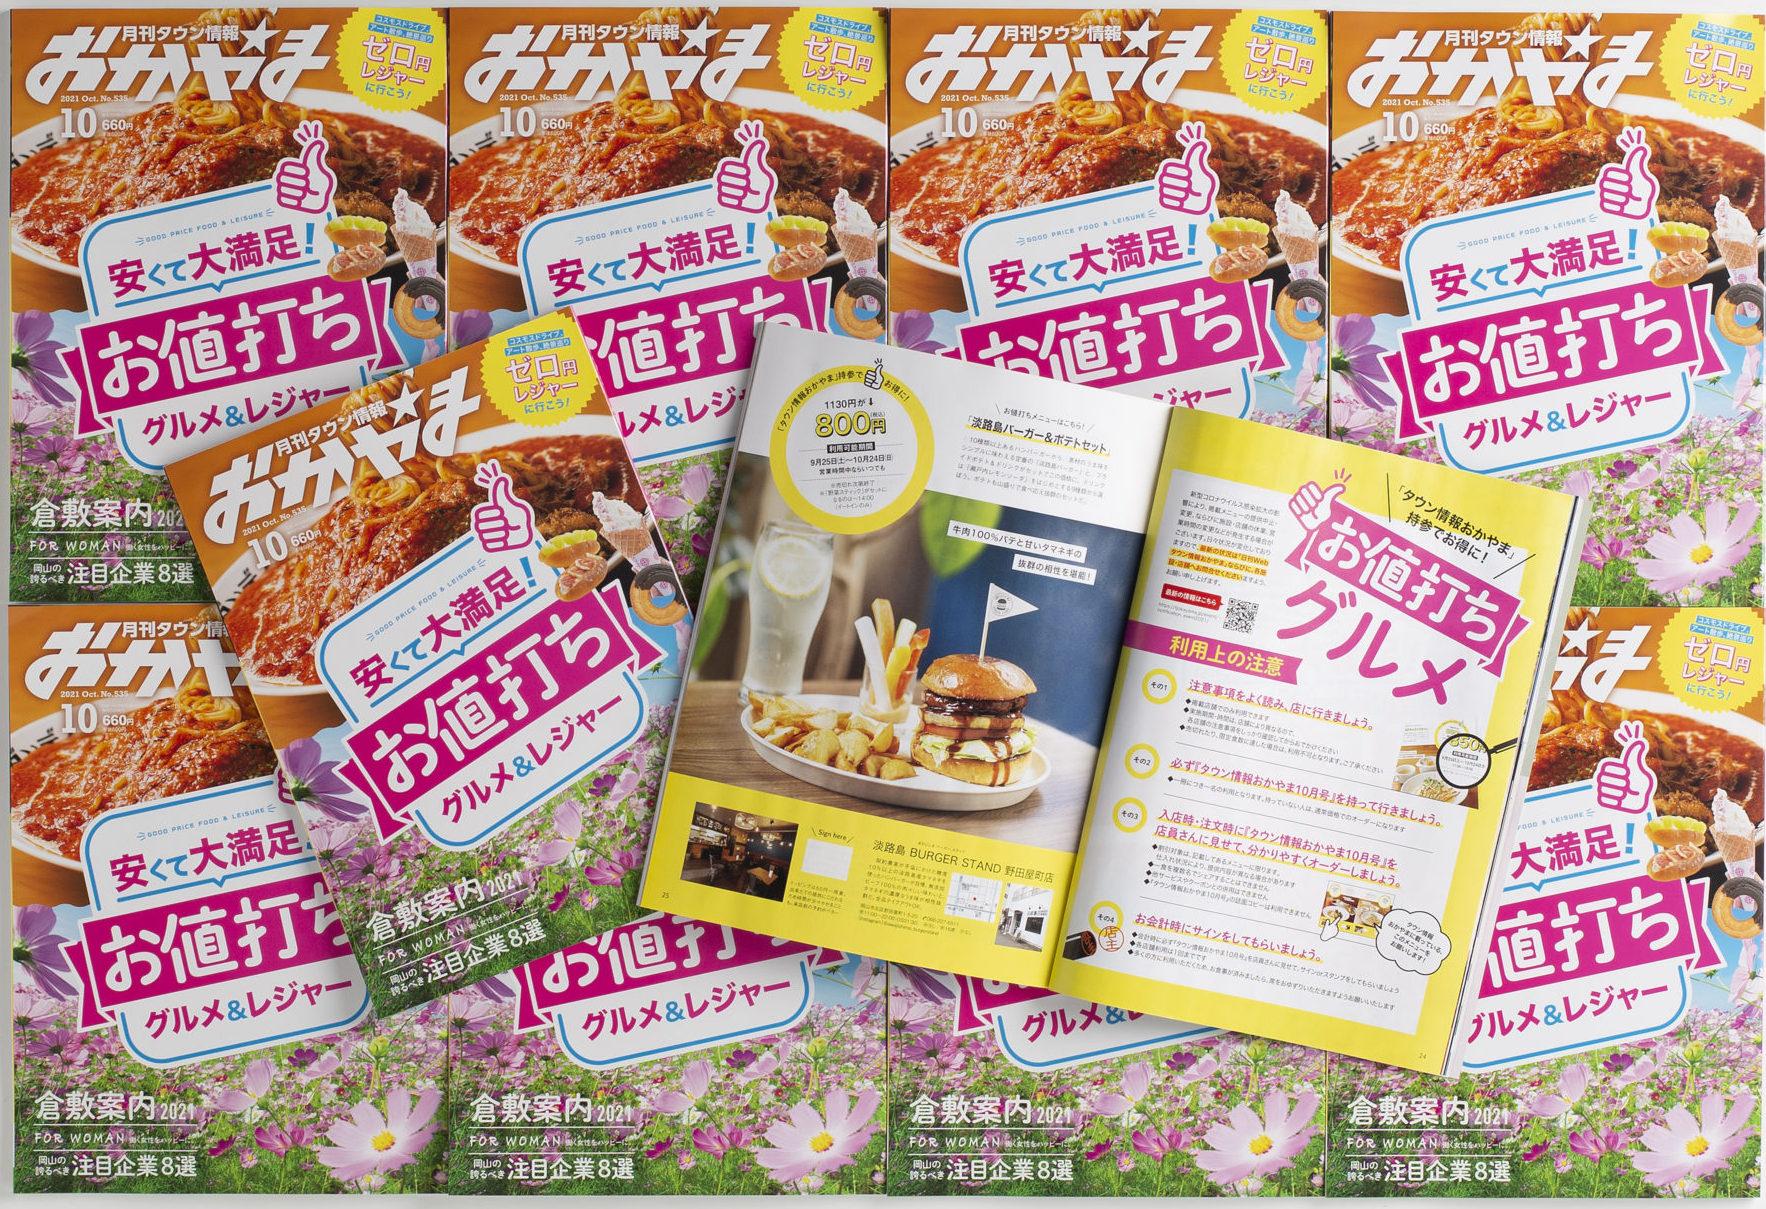 タウン情報おかやま10月号に瀬戸内カメラガールズの写真が掲載されました!画像